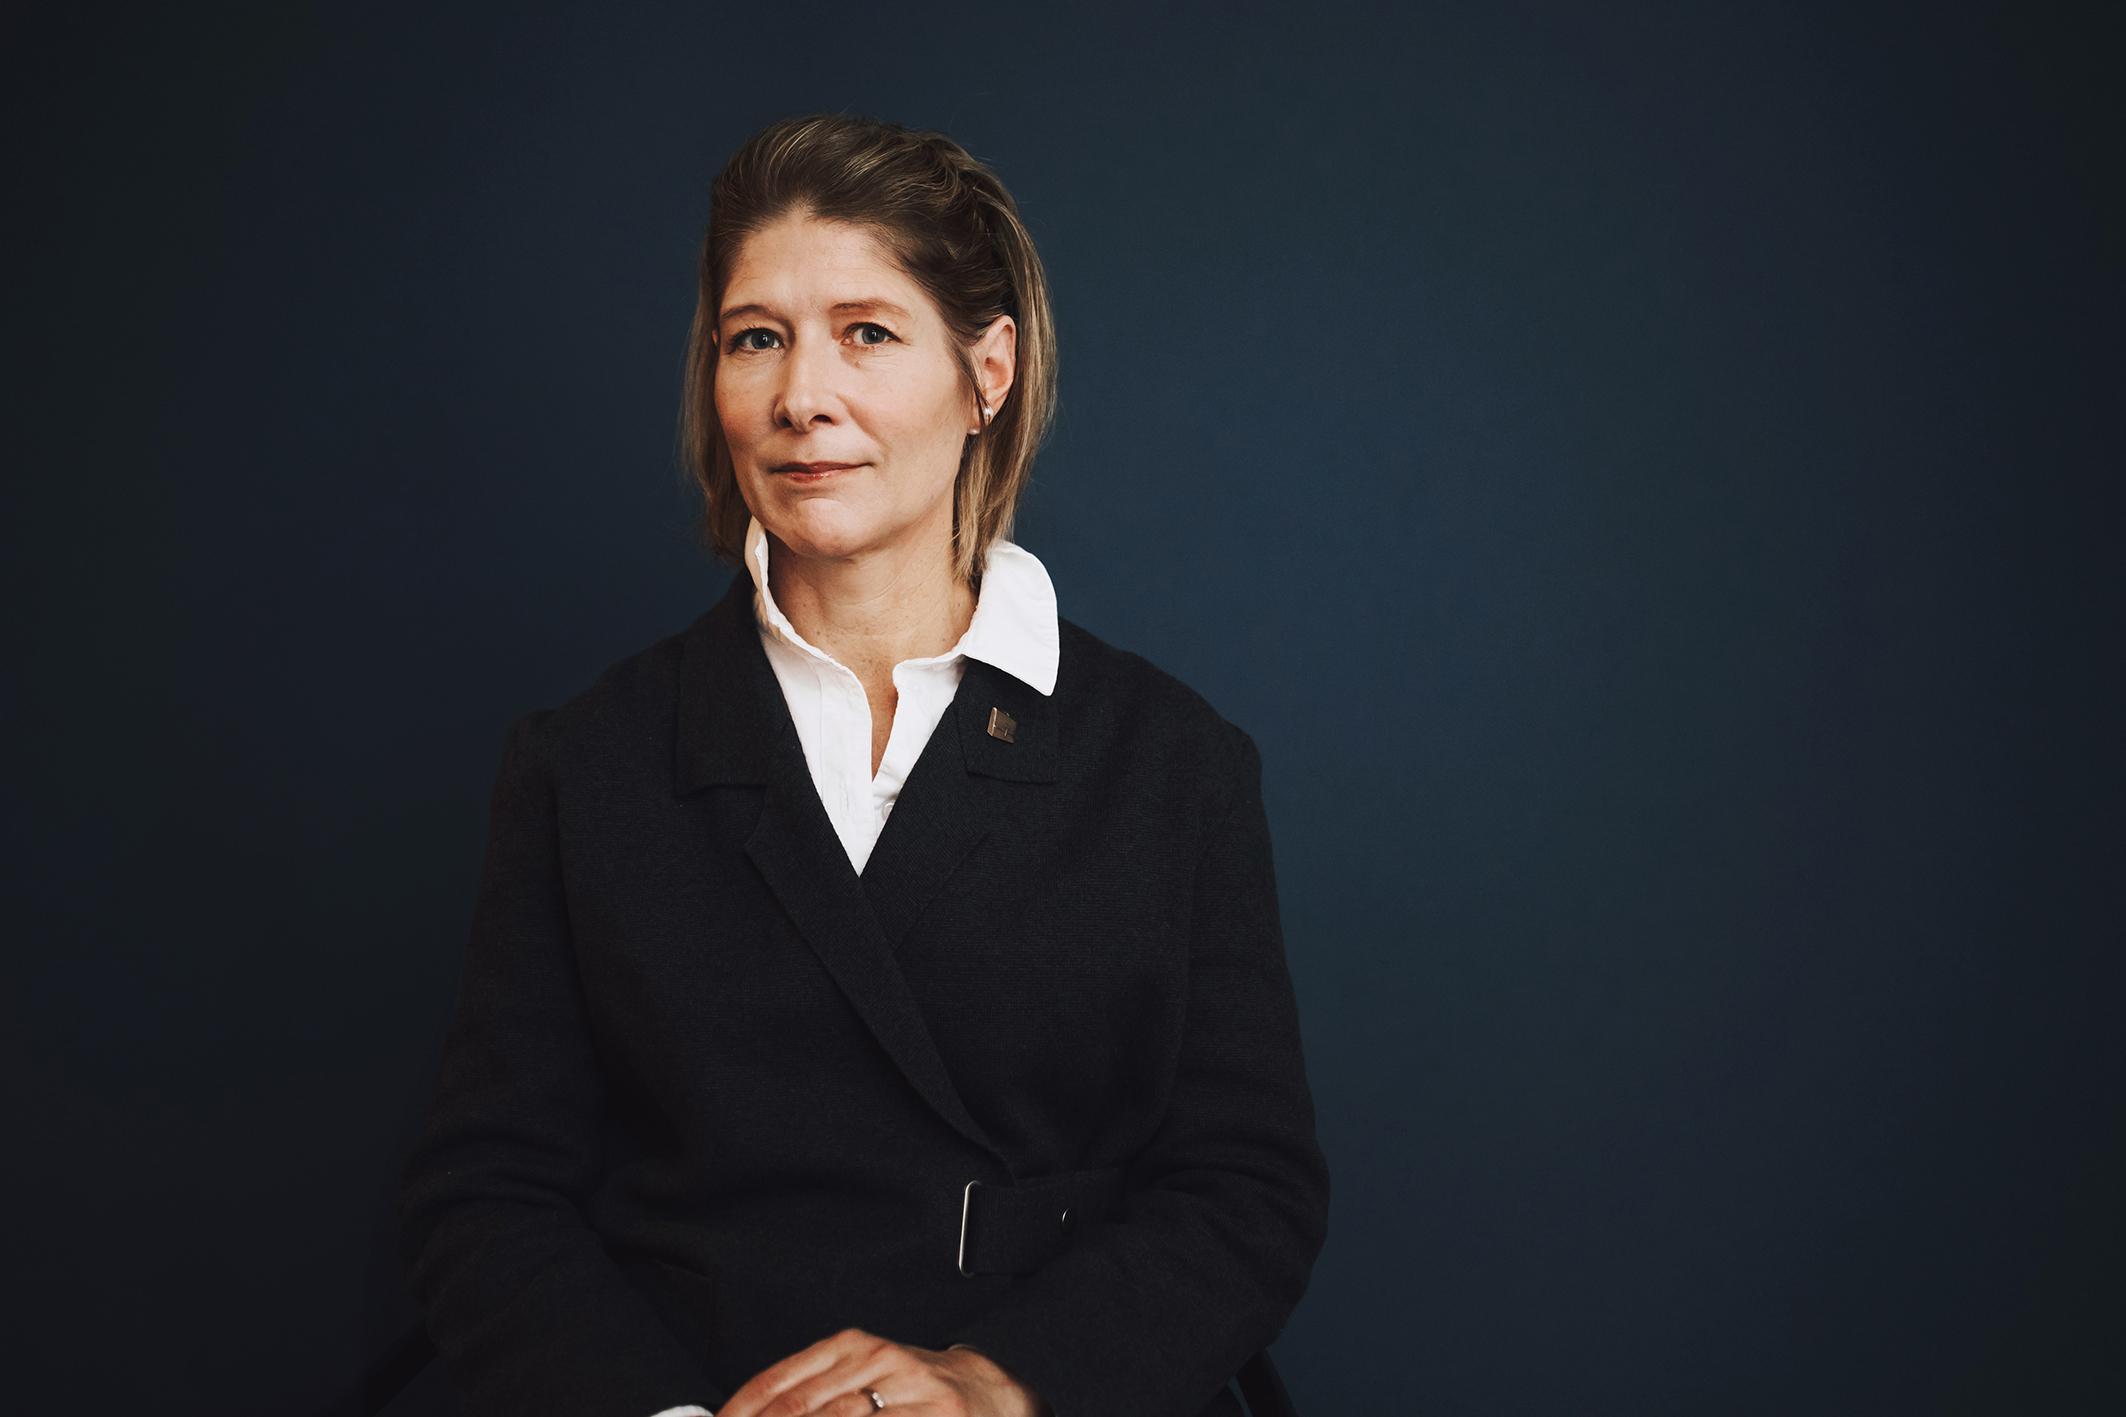 Julie Lindahl är författare, barnbarn till en SS-officer. Hon har skrivit en bok om arvet efter morföräldrarna och konsekvenserna för henne själv och familjen. Foto: Kajsa Göransson